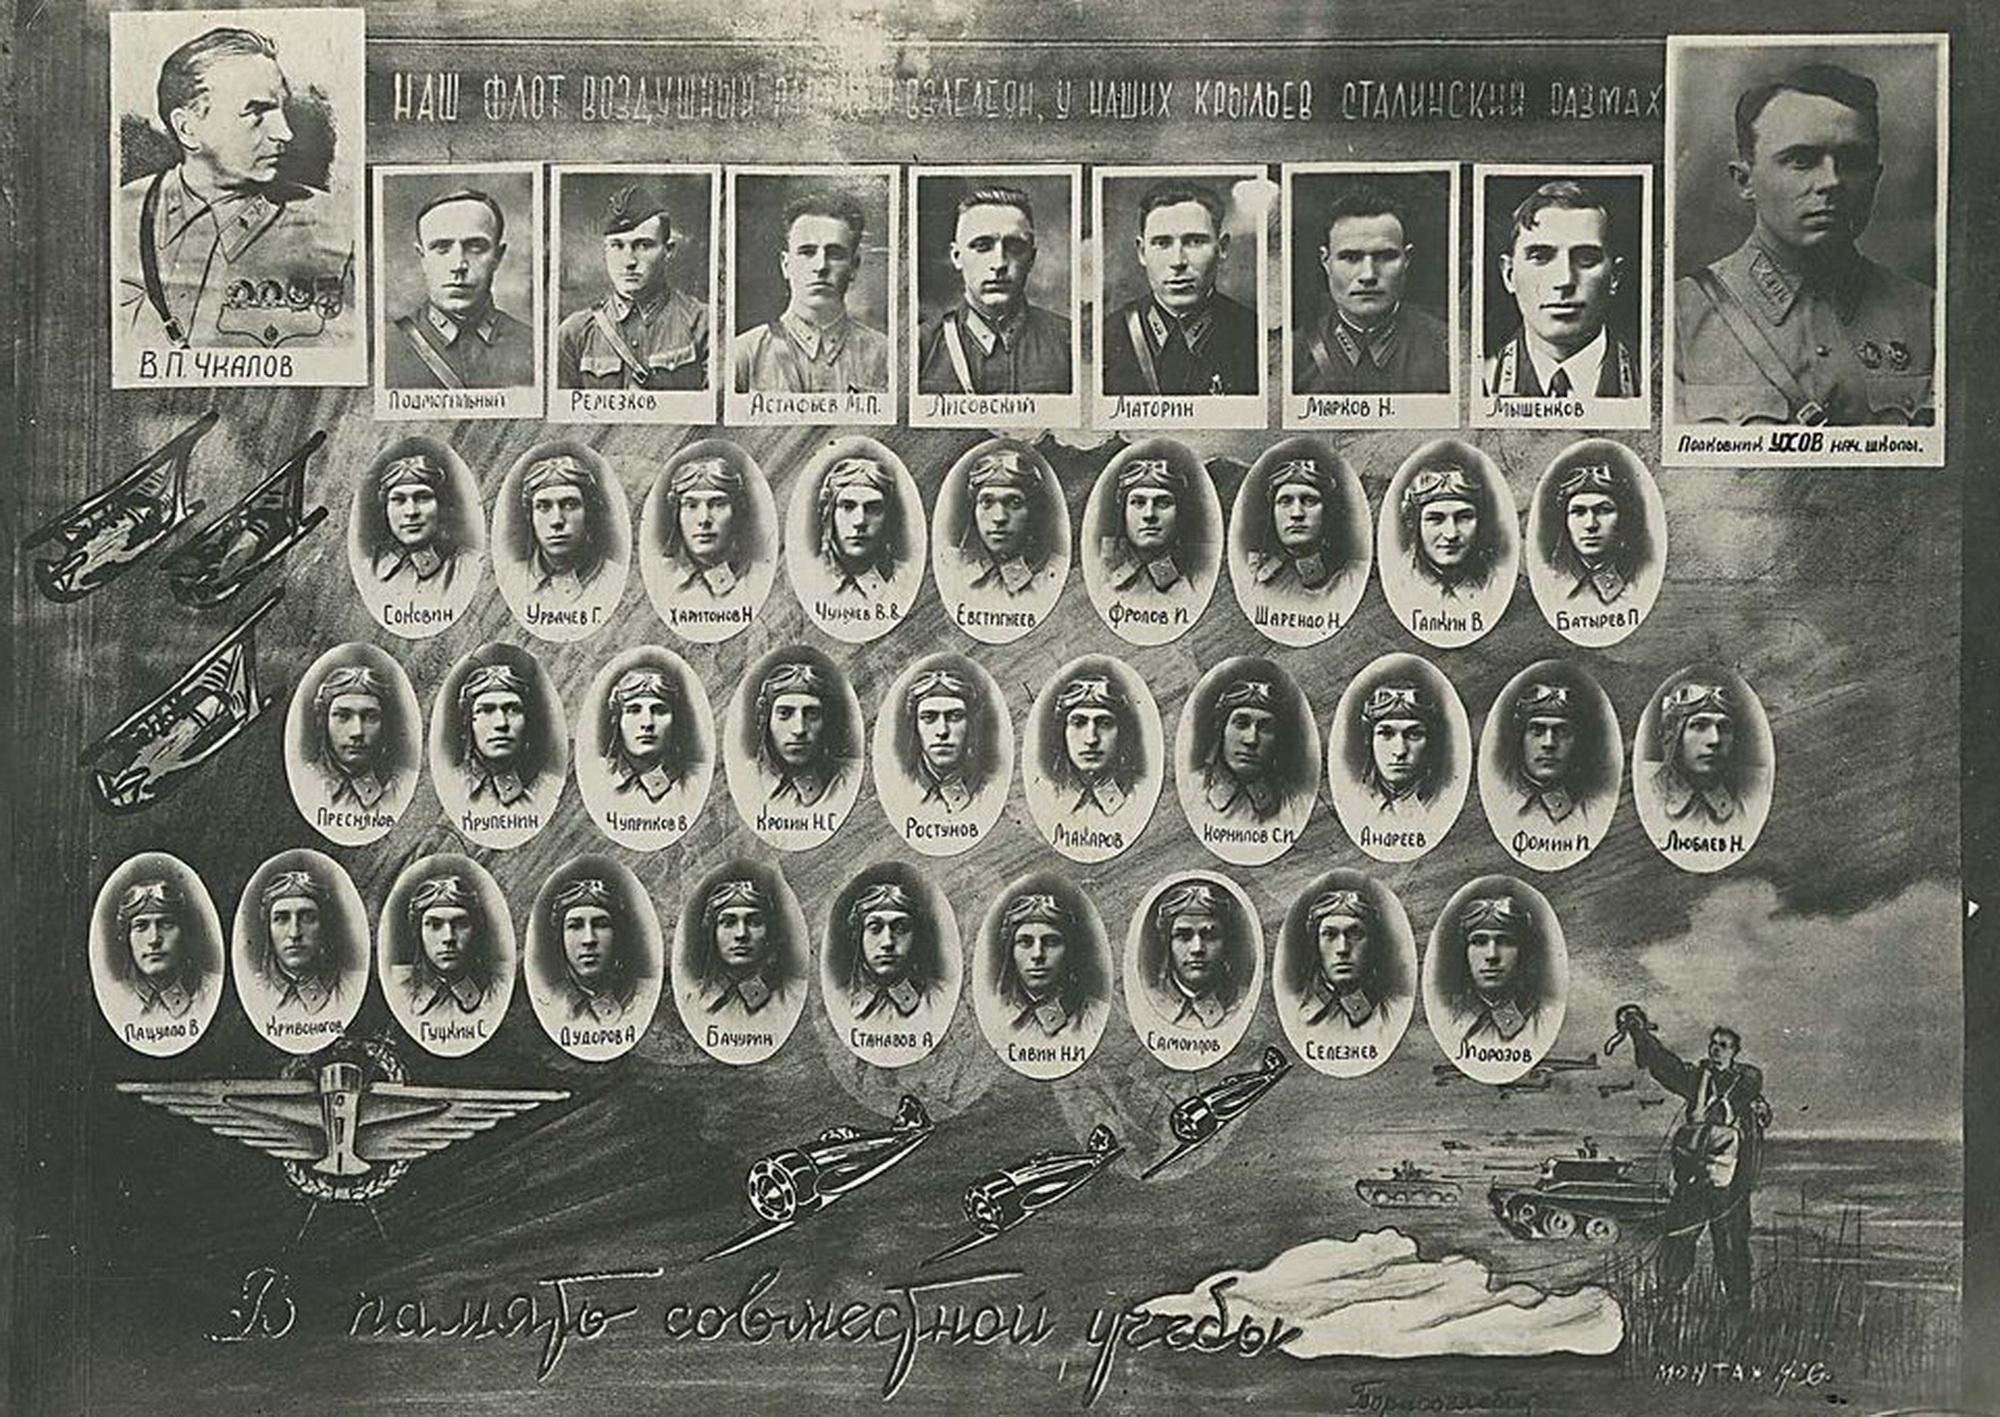 Капитан ип поманисточка служил в ввауш(штурмовиков) в 1950-ом году и есть на групповом фото в начале темы форума